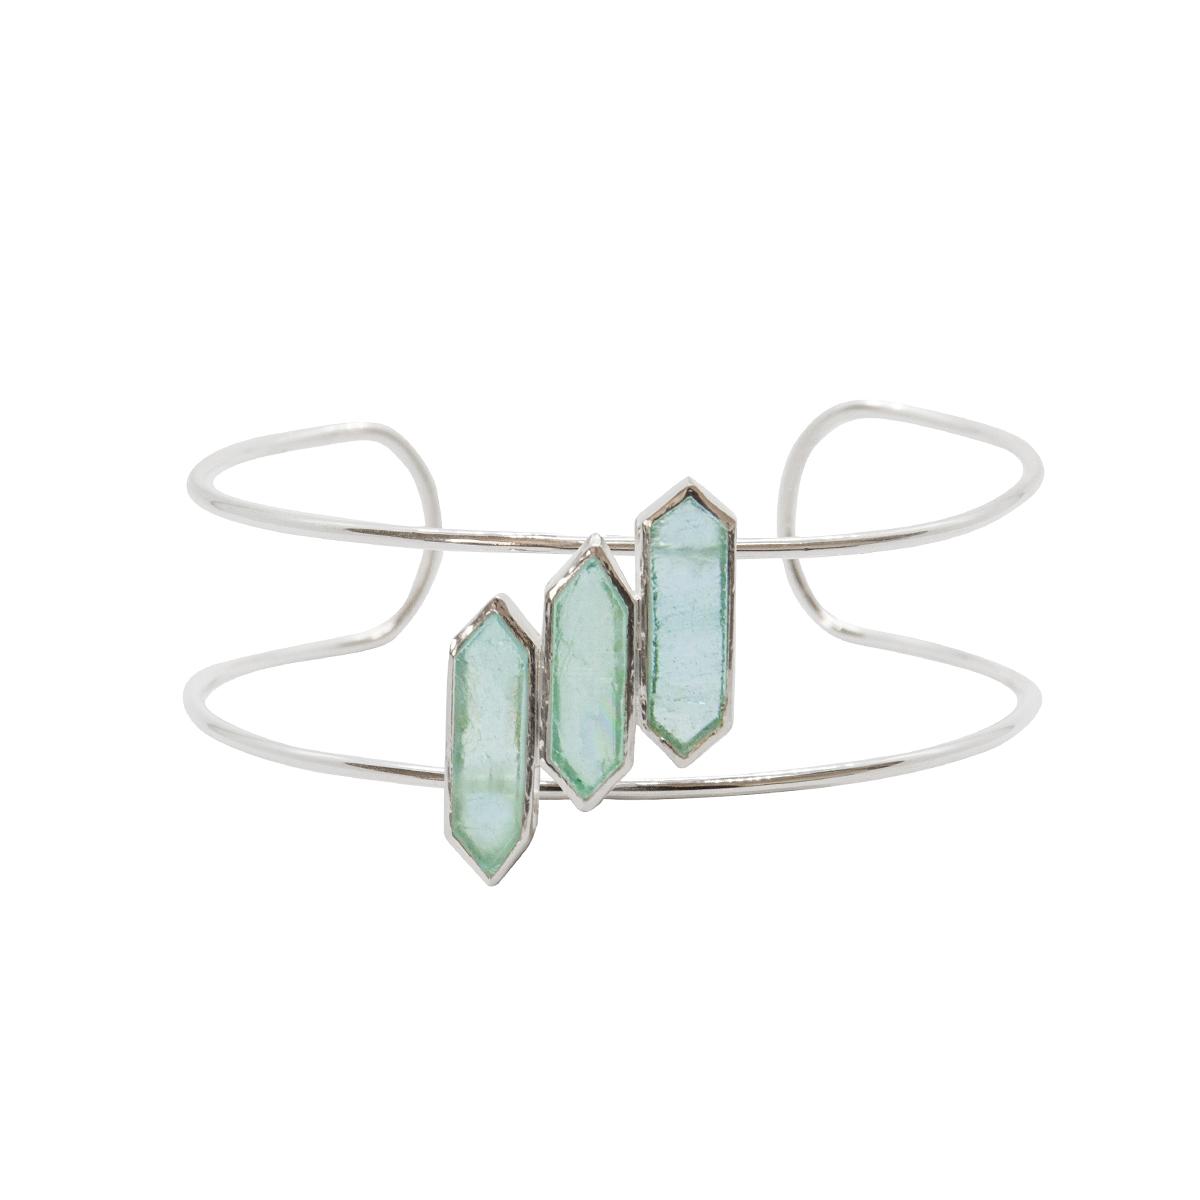 Brazalete Mensa de plata con aguamarinas de Edein Jewels